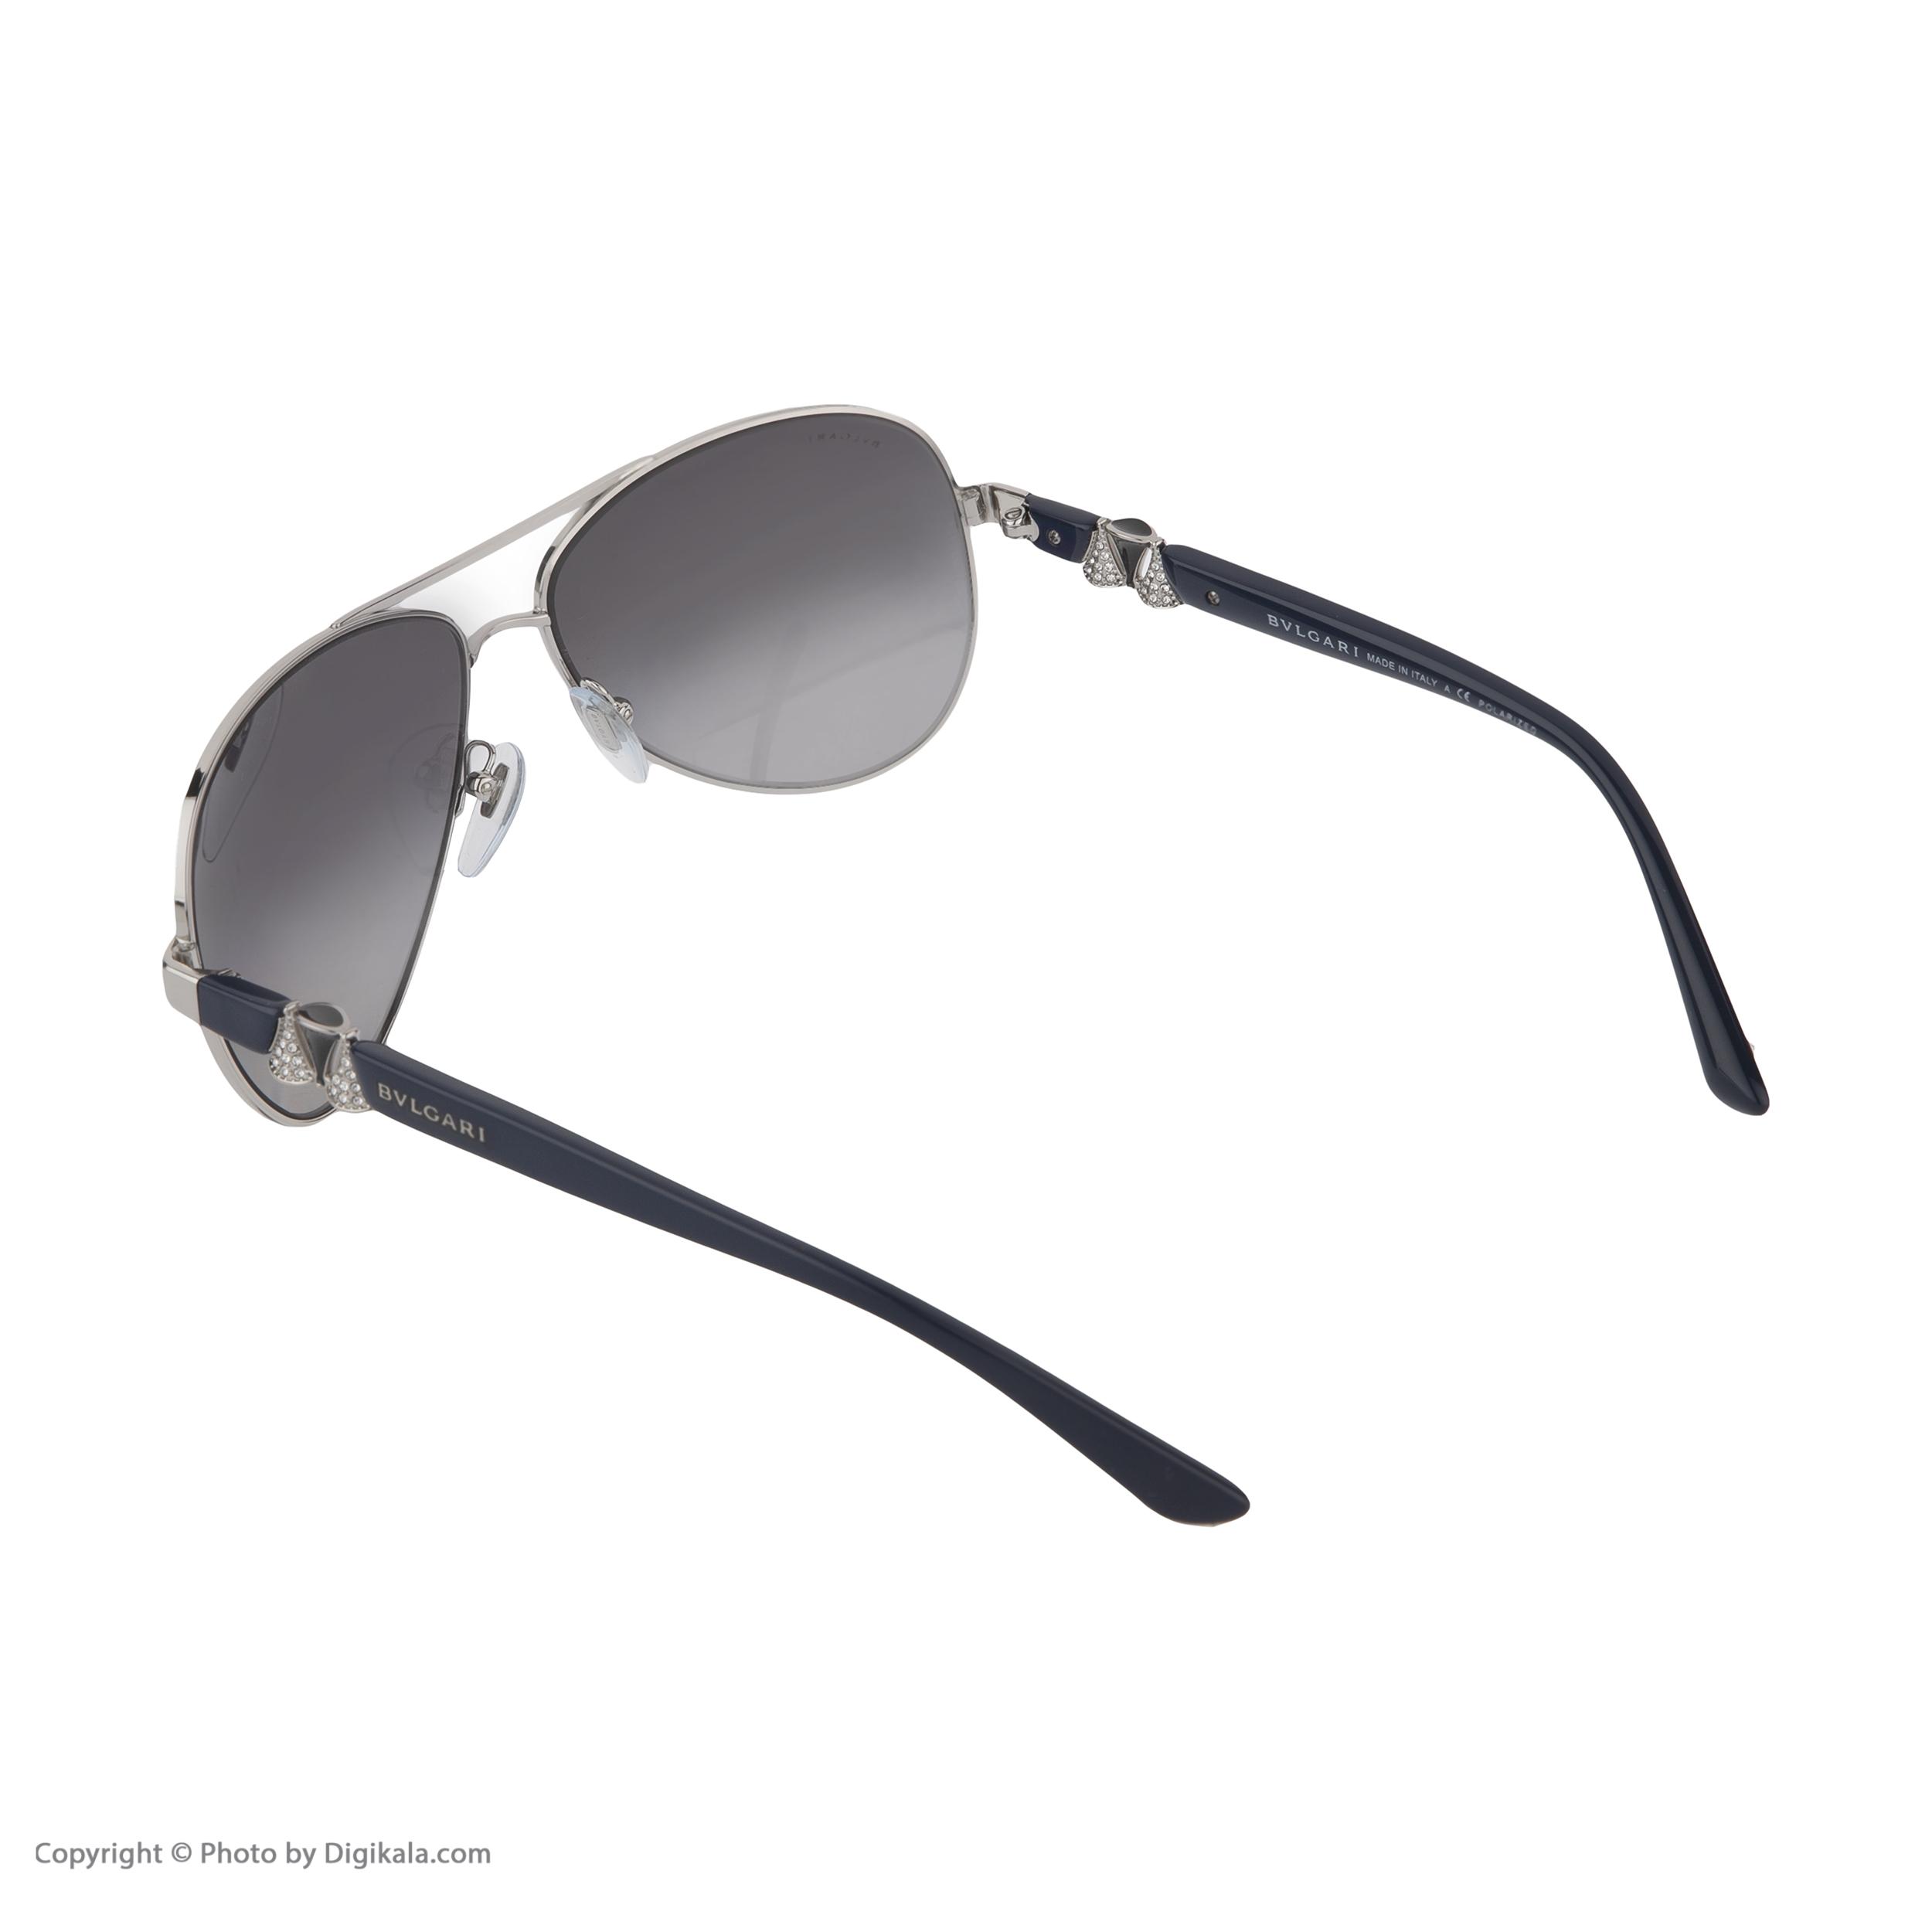 عینک آفتابی زنانه بولگاری مدل  BV6080B 0102T3 -  - 5